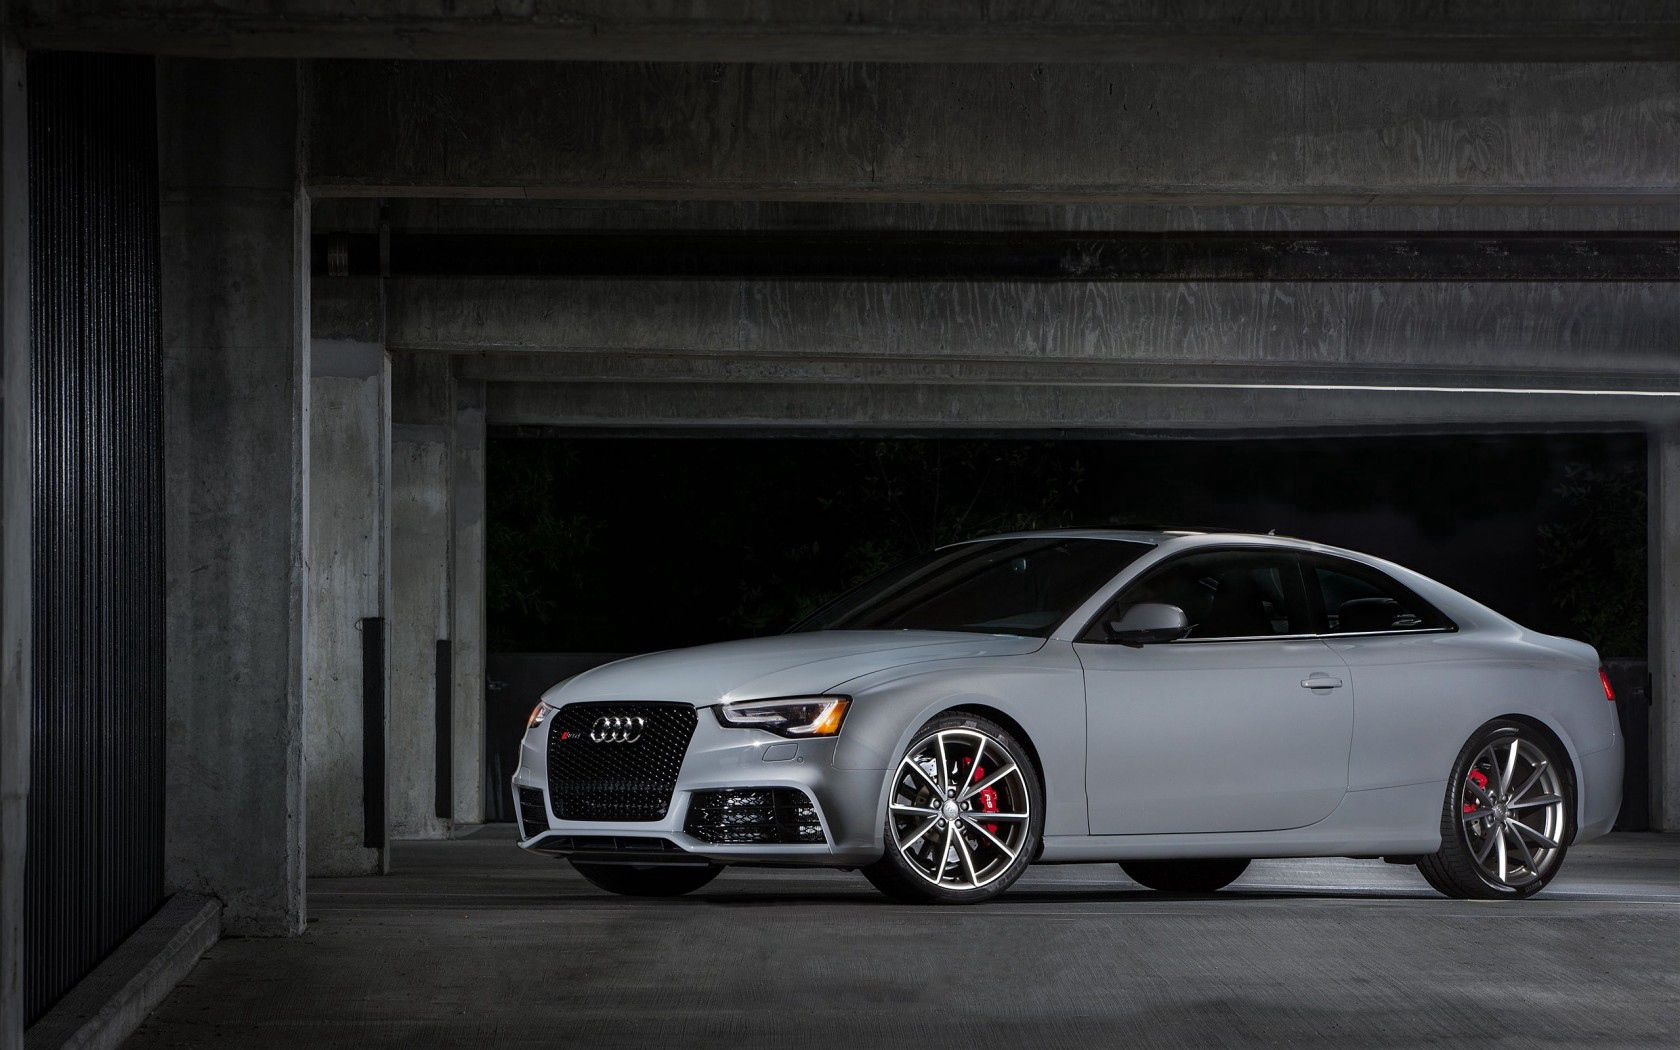 105110 Hintergrundbild herunterladen Auto, Audi, Cars, Seitenansicht, Fach, Coupe, Rs5 - Bildschirmschoner und Bilder kostenlos